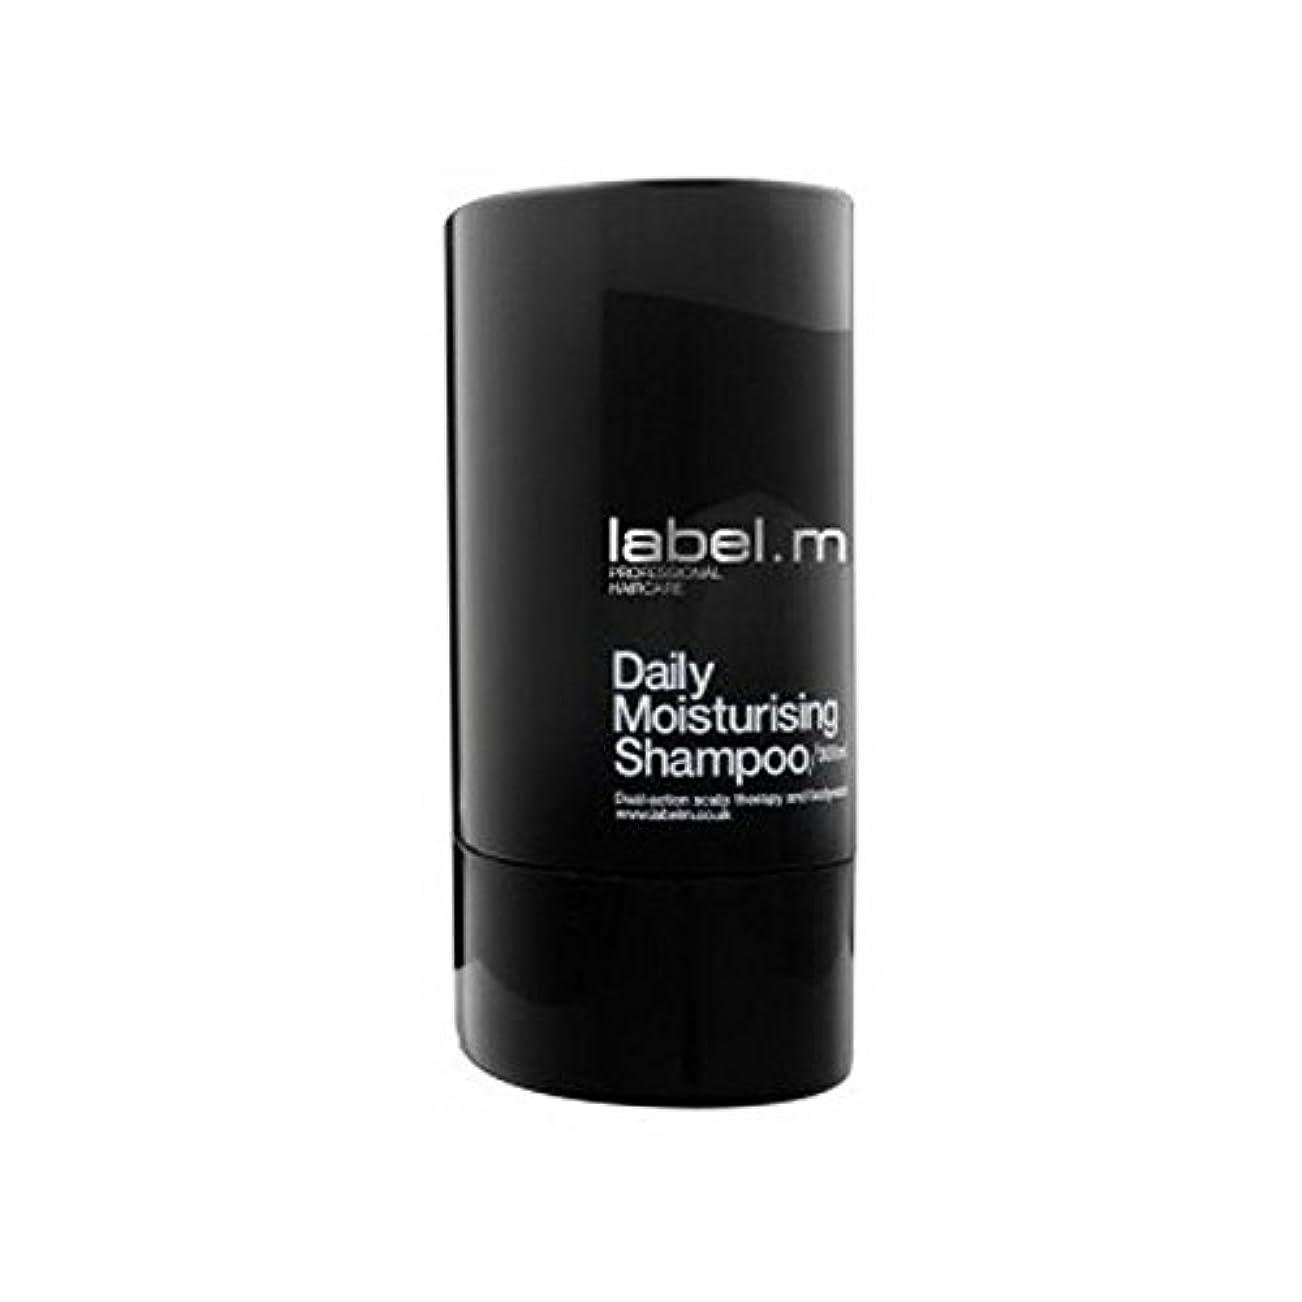 フォーカス起点上回る.毎日保湿シャンプー(300ミリリットル) x4 - Label.Men Daily Moisturising Shampoo (300ml) (Pack of 4) [並行輸入品]